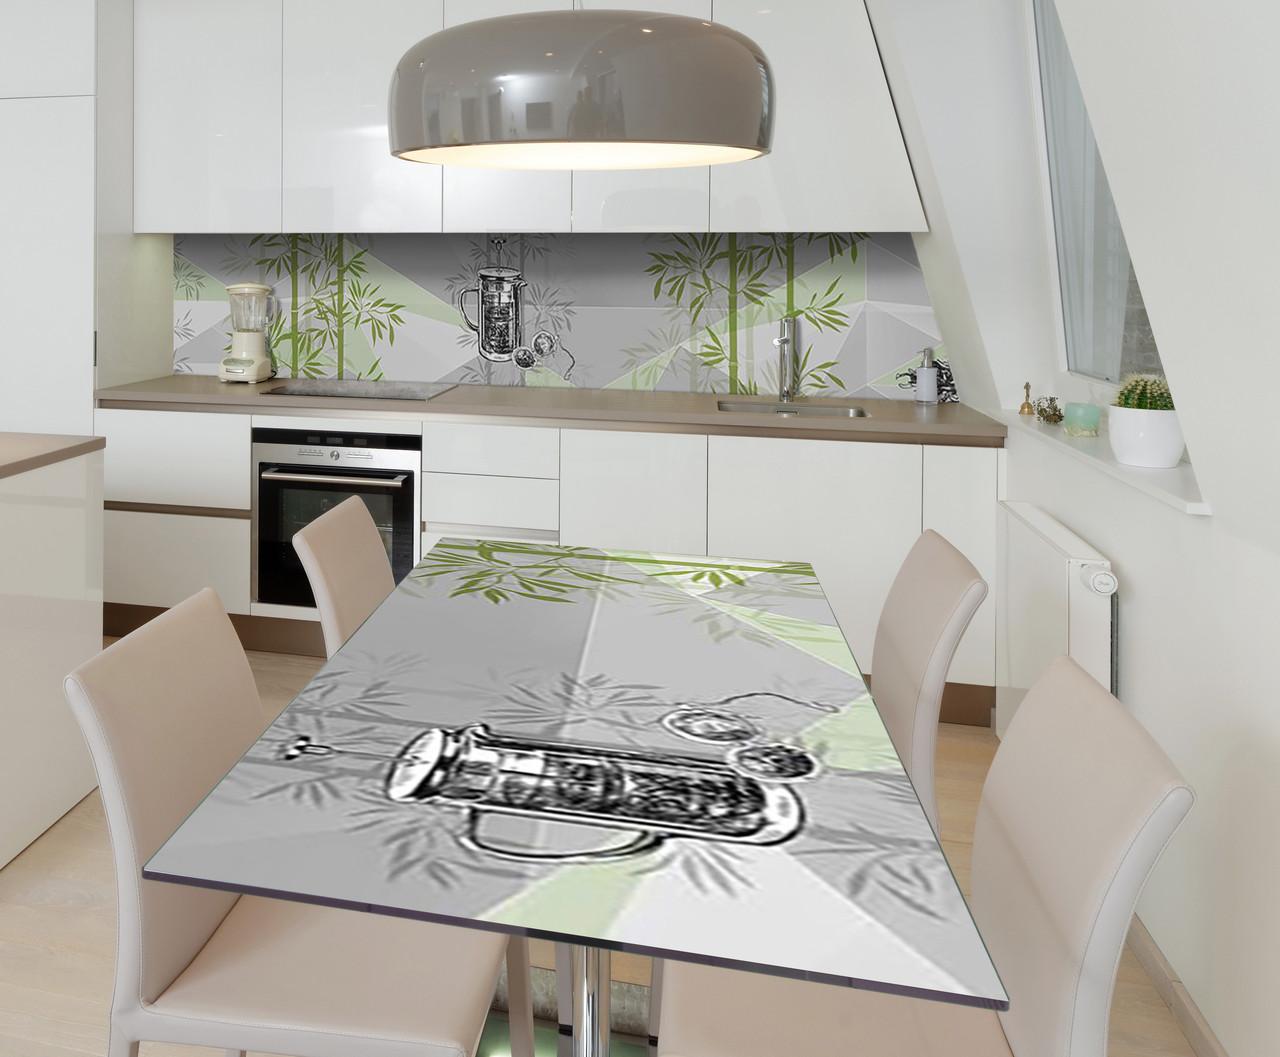 Наклейка 3Д виниловая на стол Zatarga «Бамбуковый сад» 600х1200 мм для домов, квартир, столов, кофейн, кафе